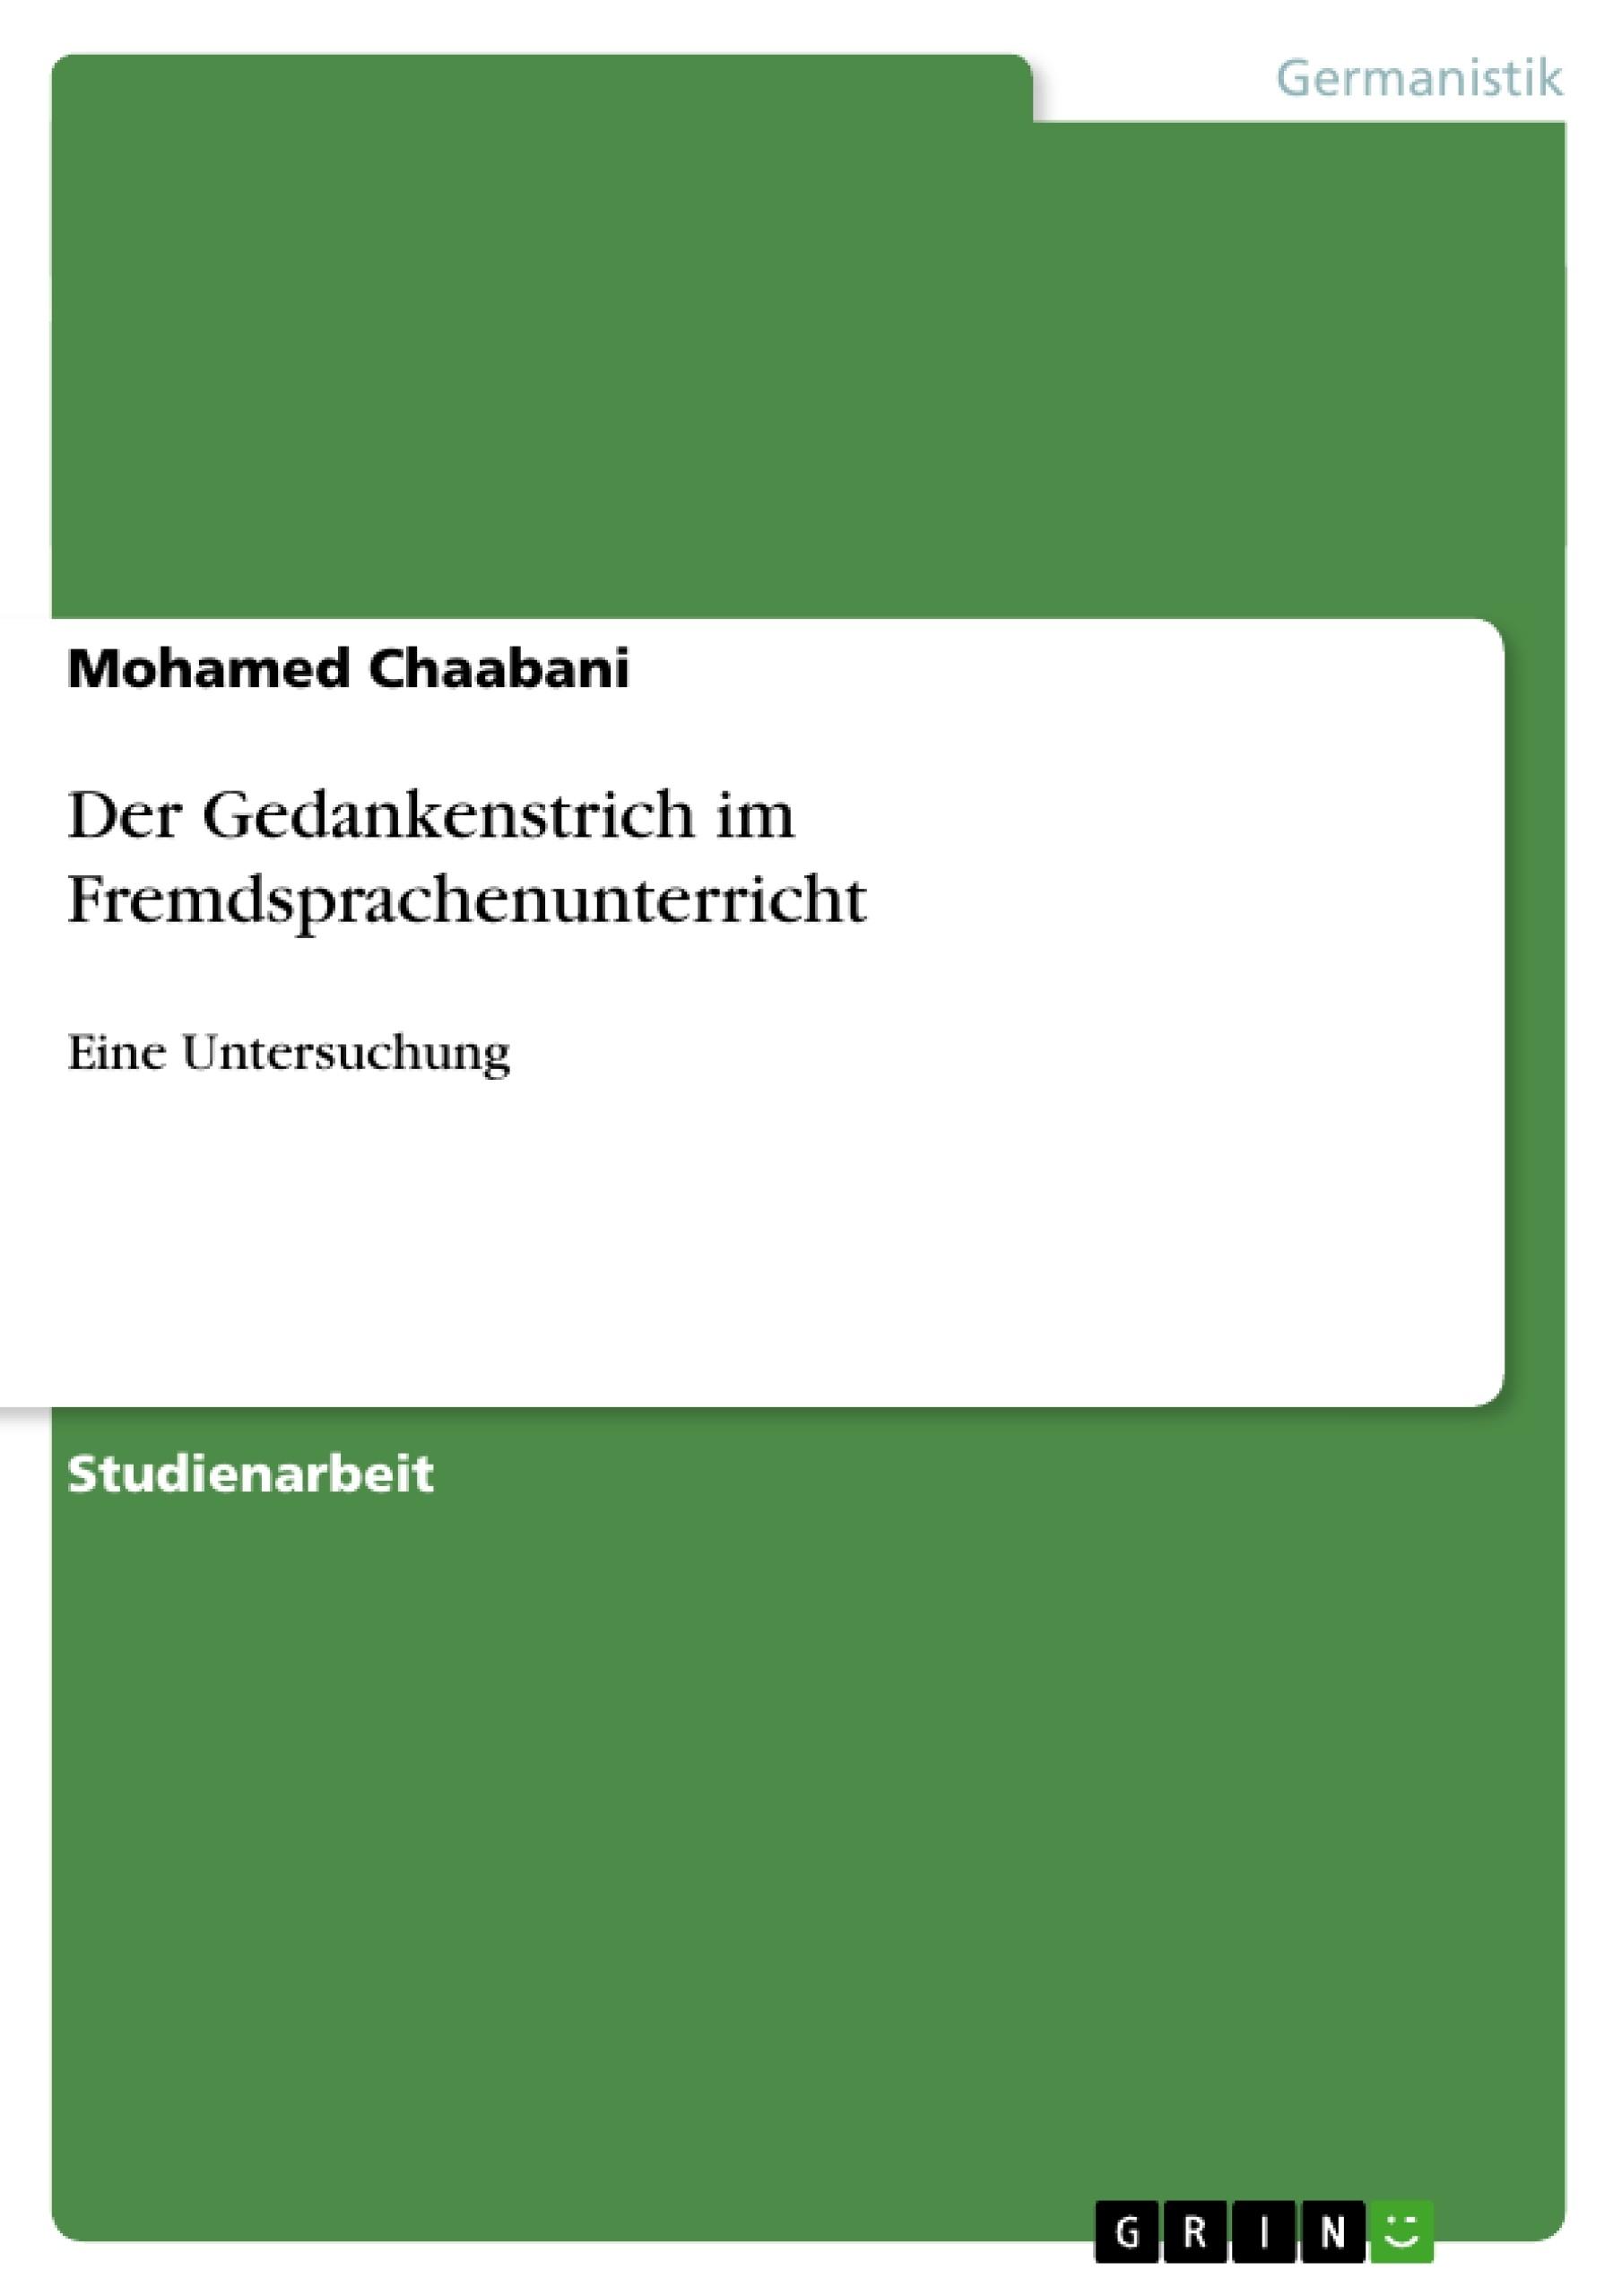 Titel: Der Gedankenstrich im Fremdsprachenunterricht